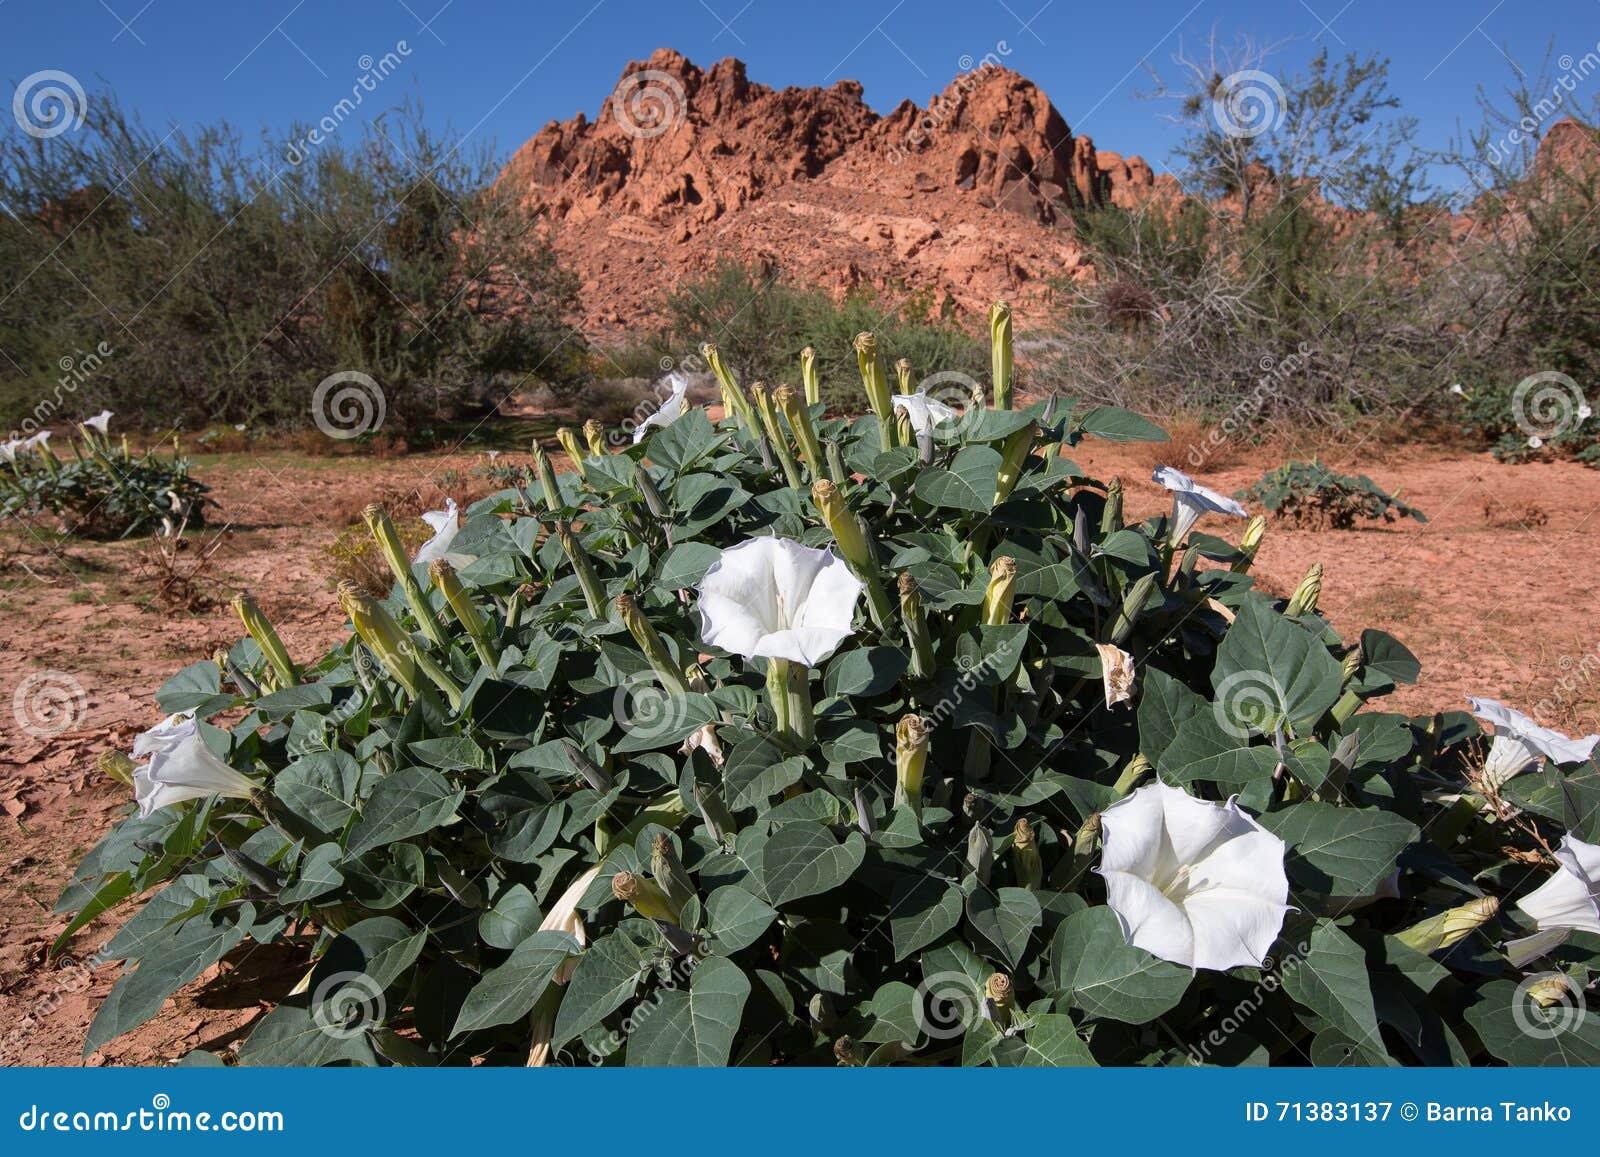 White Desert Flowers Stock Image Image Of Vegetation 71383137